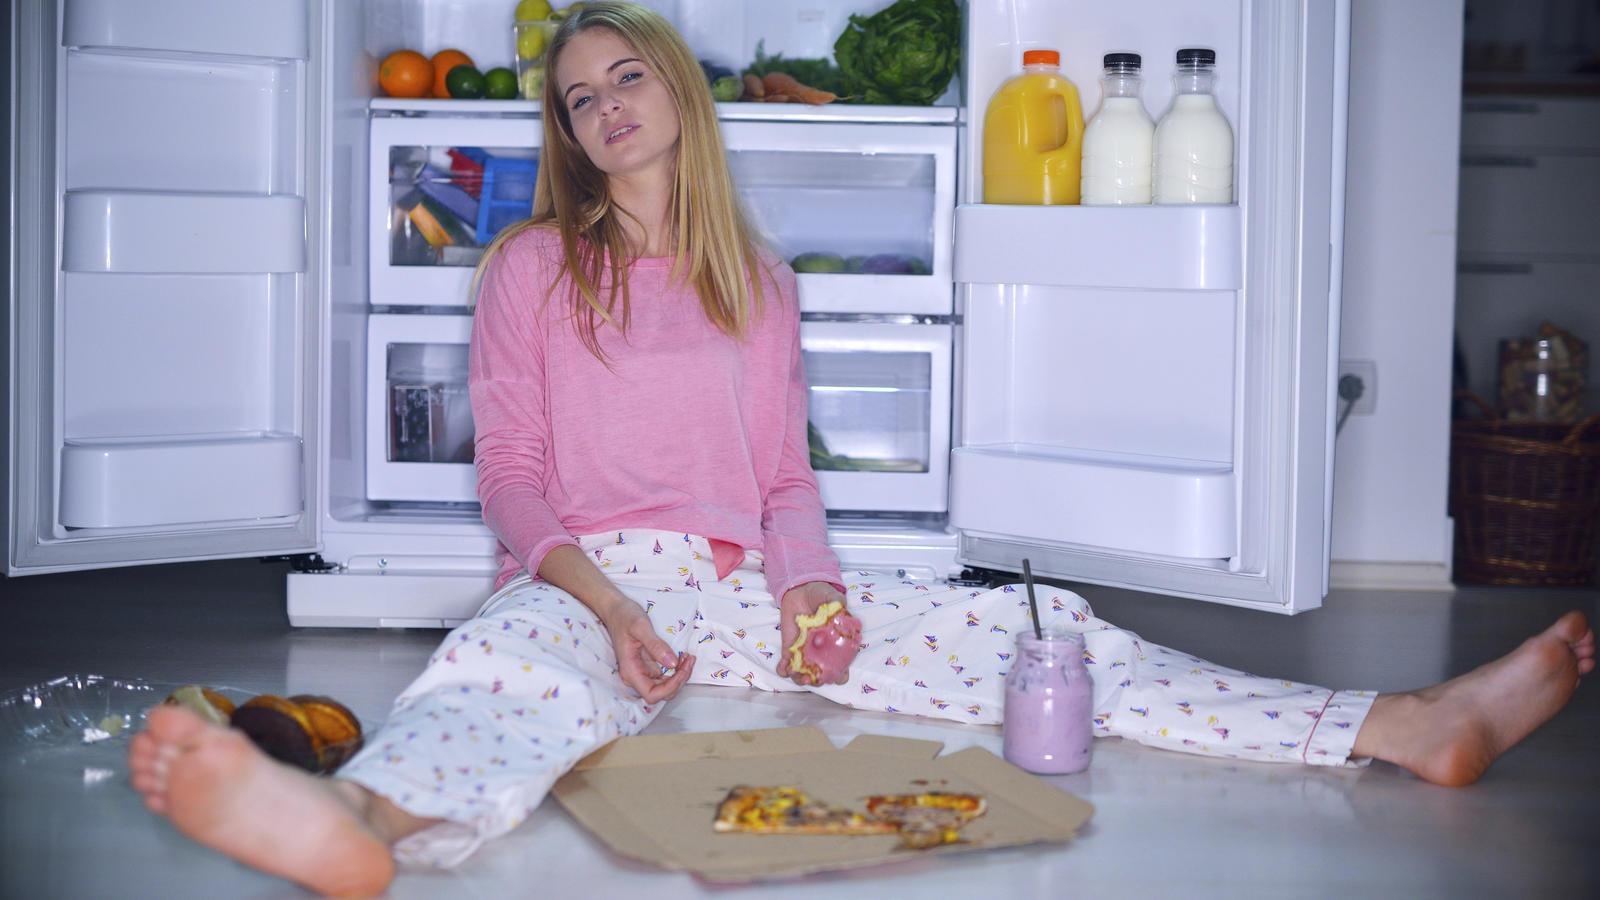 Bei der Binge-Eating-Störung gerät das Essverhalten oft völlig außer Kontrolle